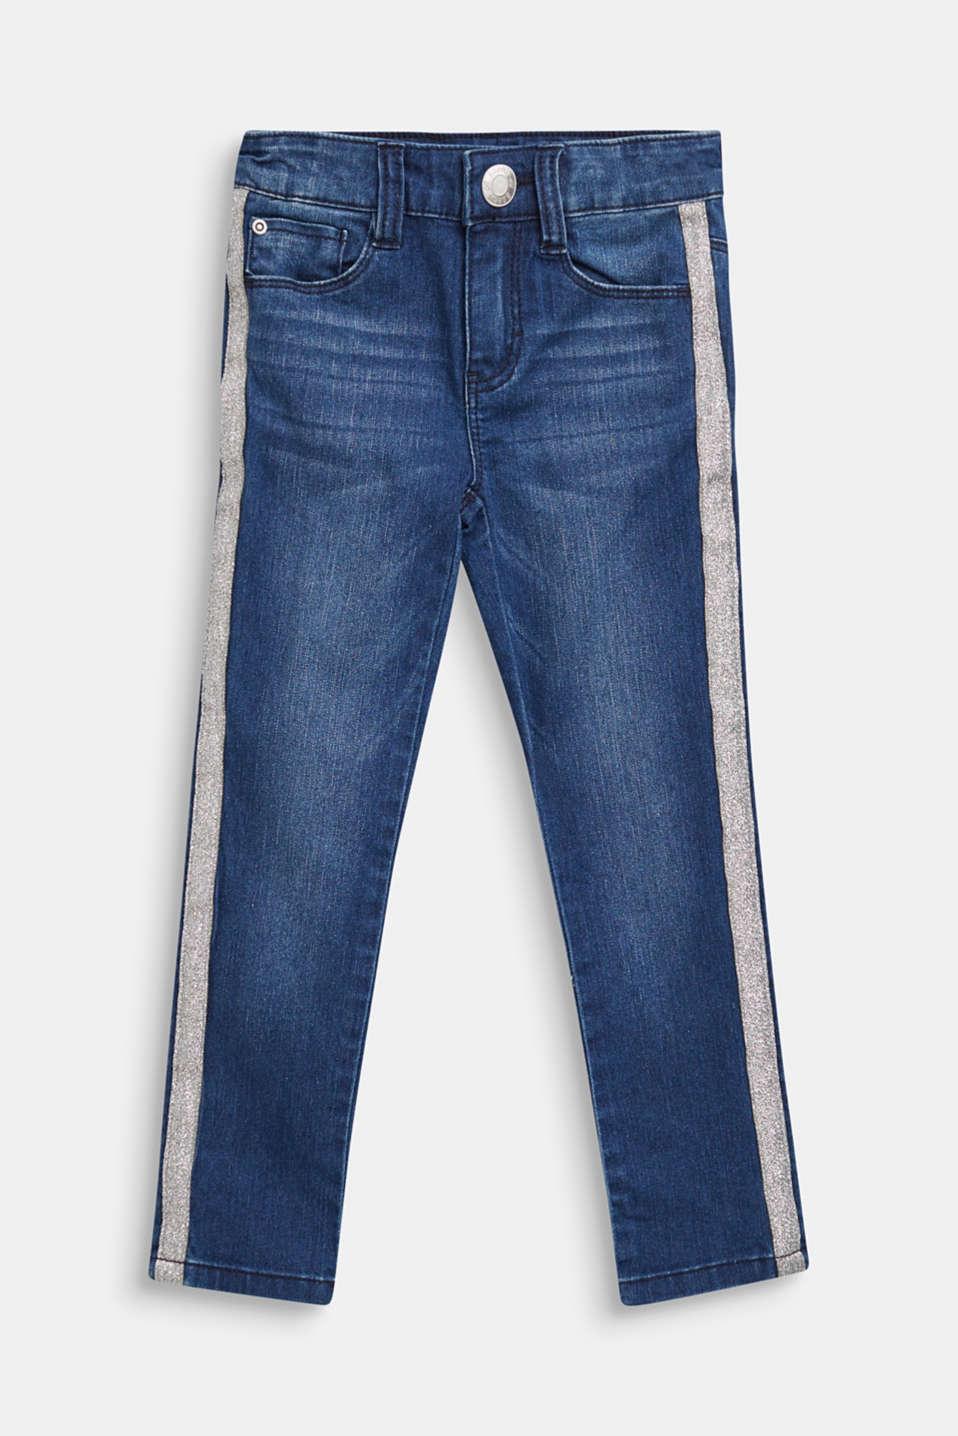 Jeans with glittering side stripes, DARK INDIGO DE, detail image number 0